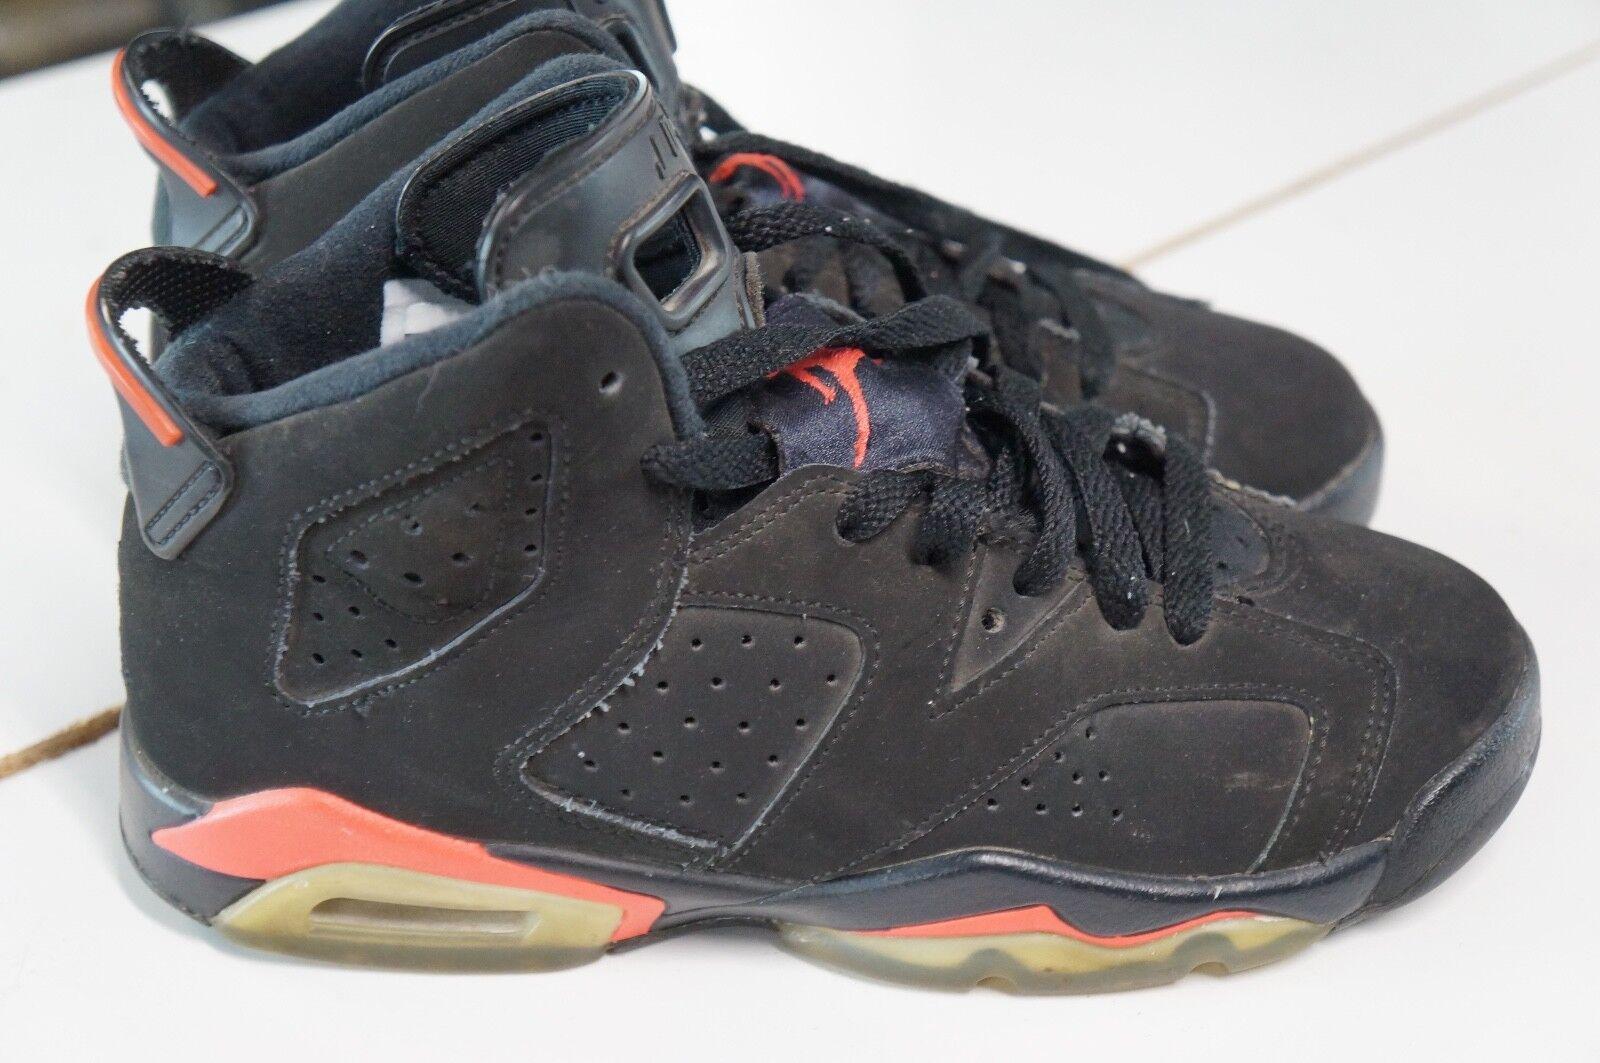 Jordan 6 Retro Zapatos Negro Air Infrarrojo (2014) para mujer Talla 6. Juventud tamaño 4Y.